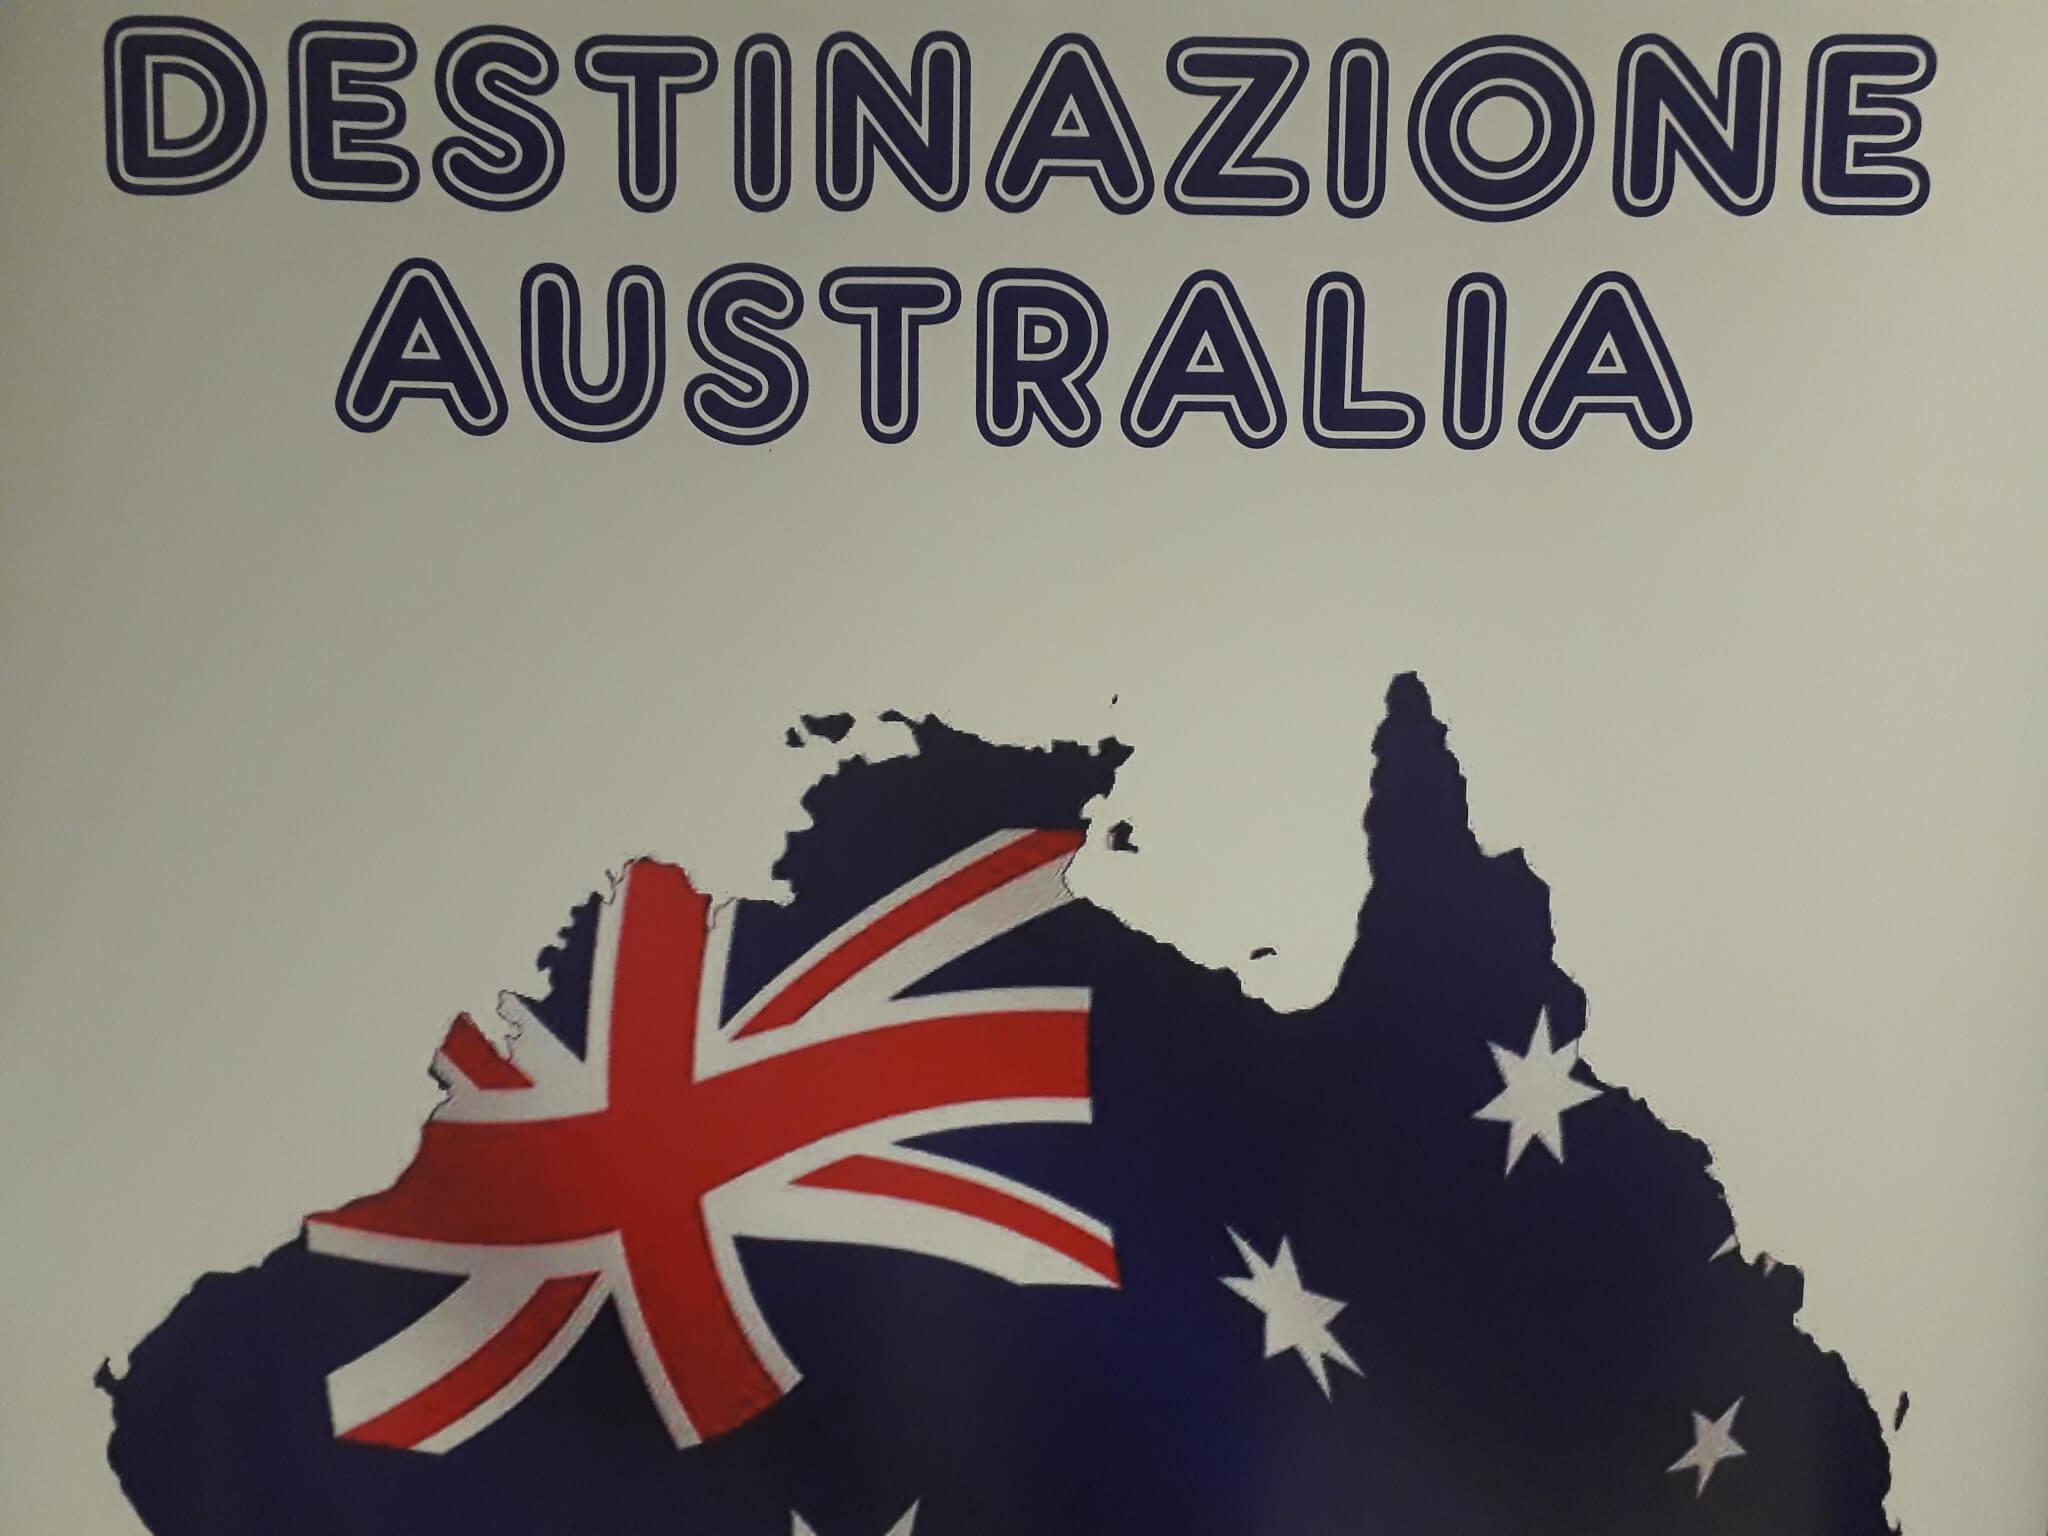 siti di incontri a Sydney Australia sa riuniti incontri singoli